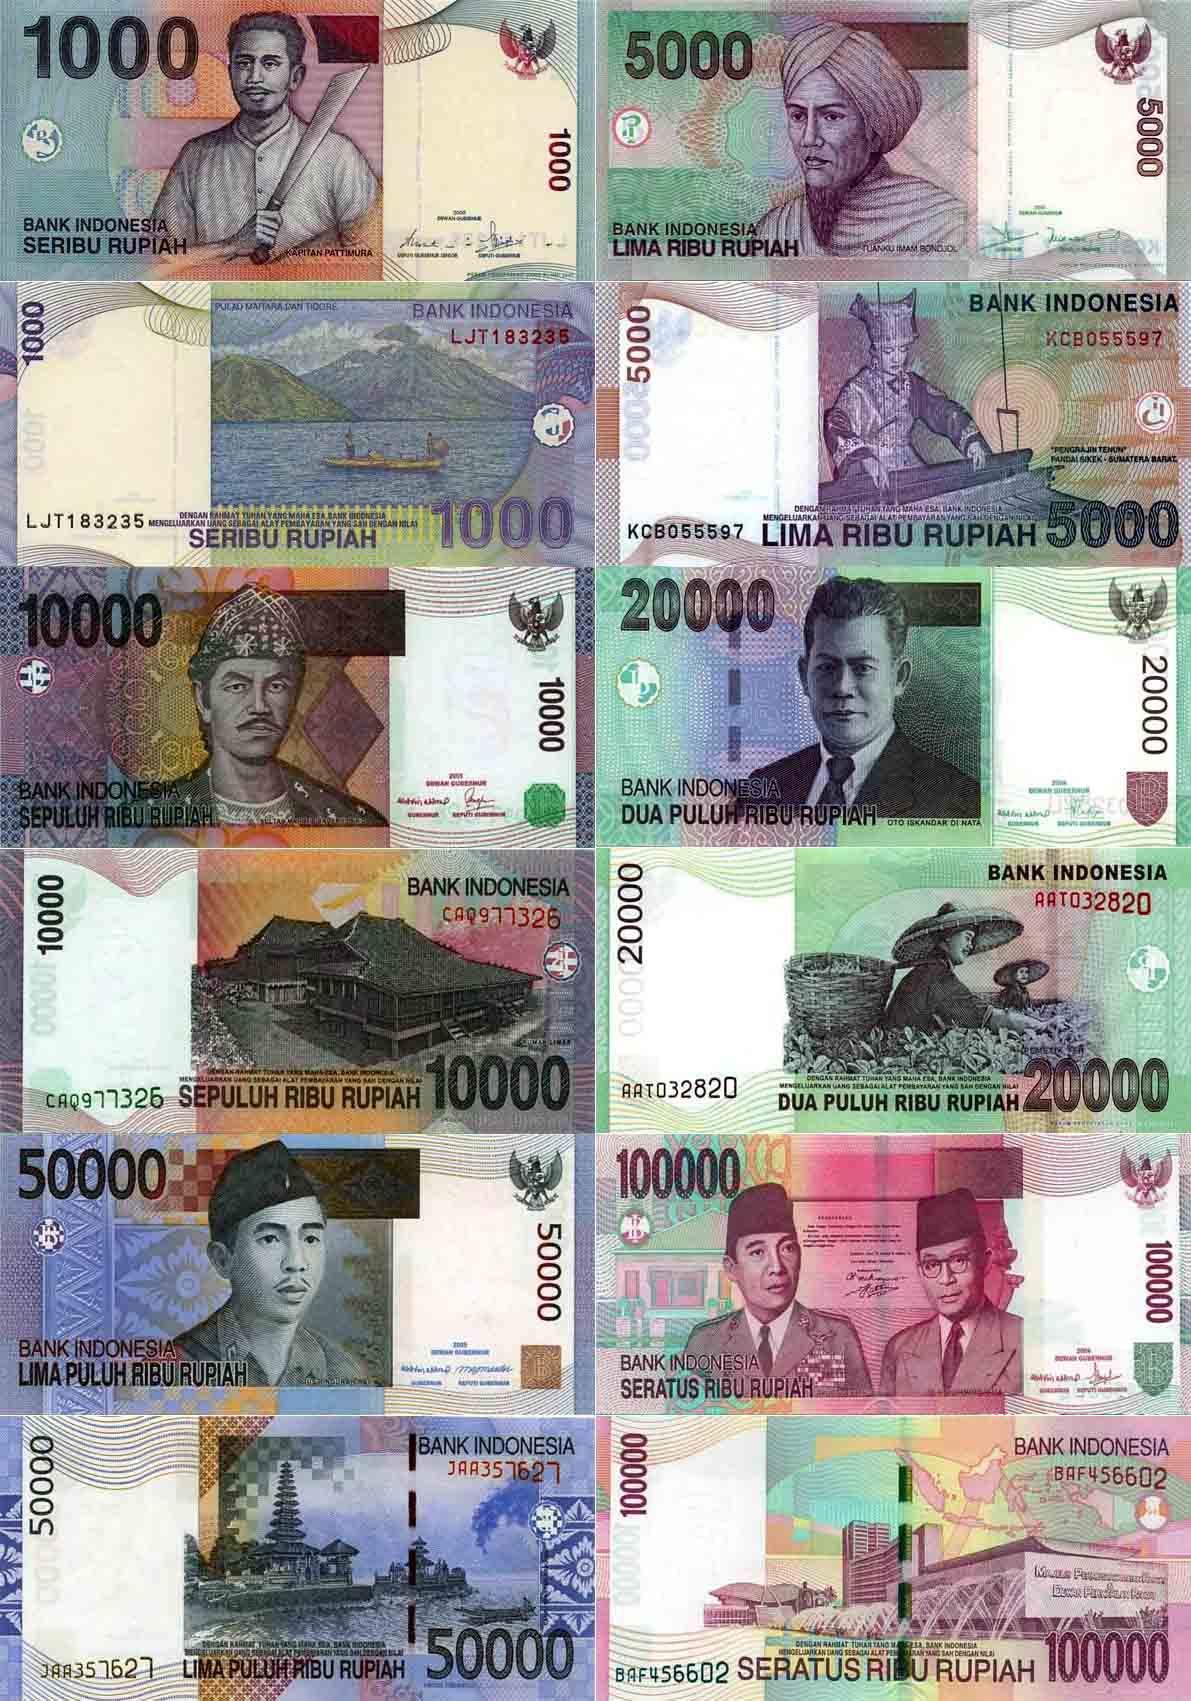 印度尼西亚货币-印尼盾图片